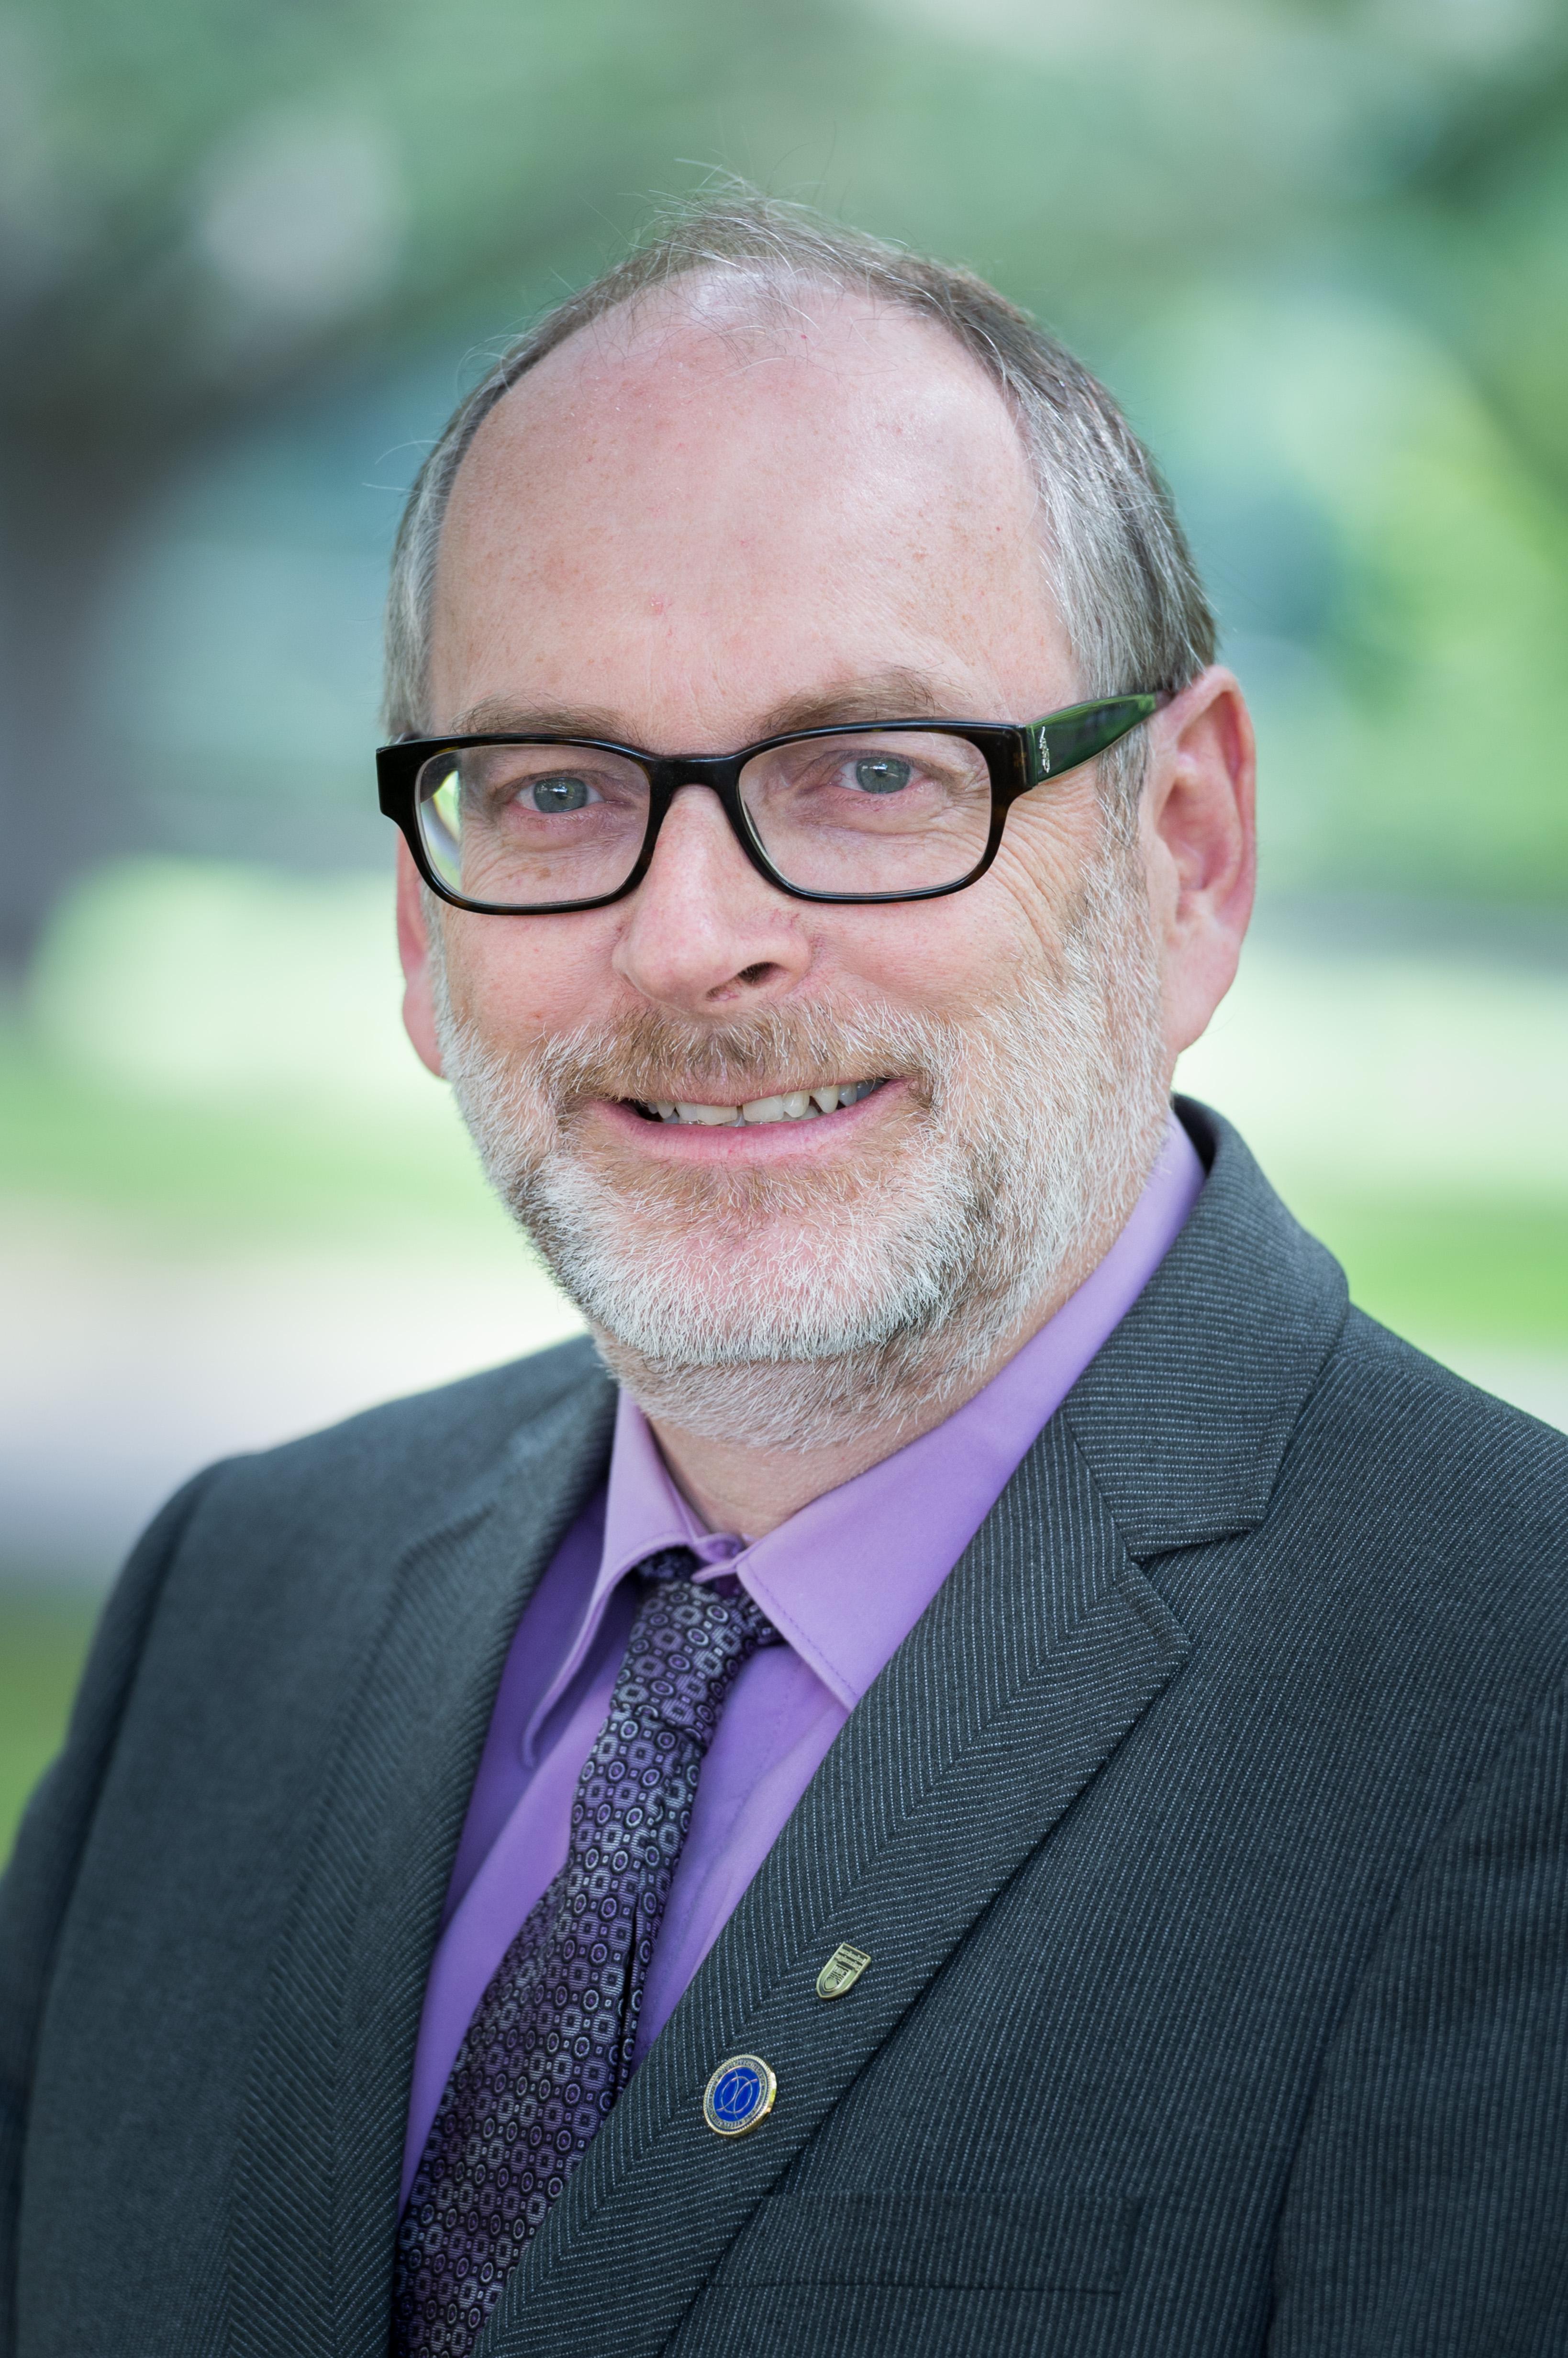 Jon Mikkelsen